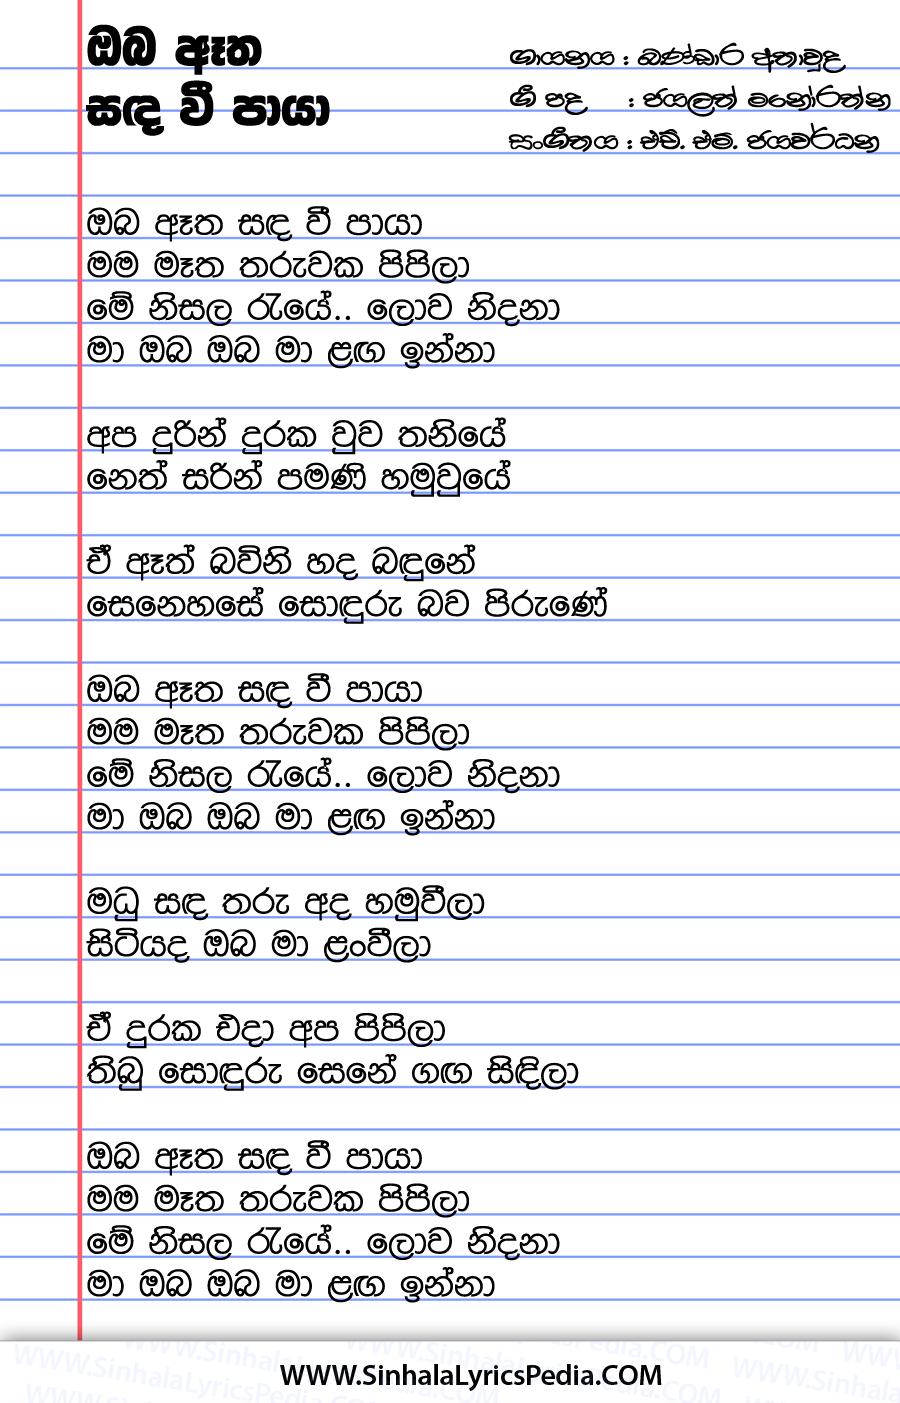 Oba Atha Sanda Wee Paya Song Lyrics